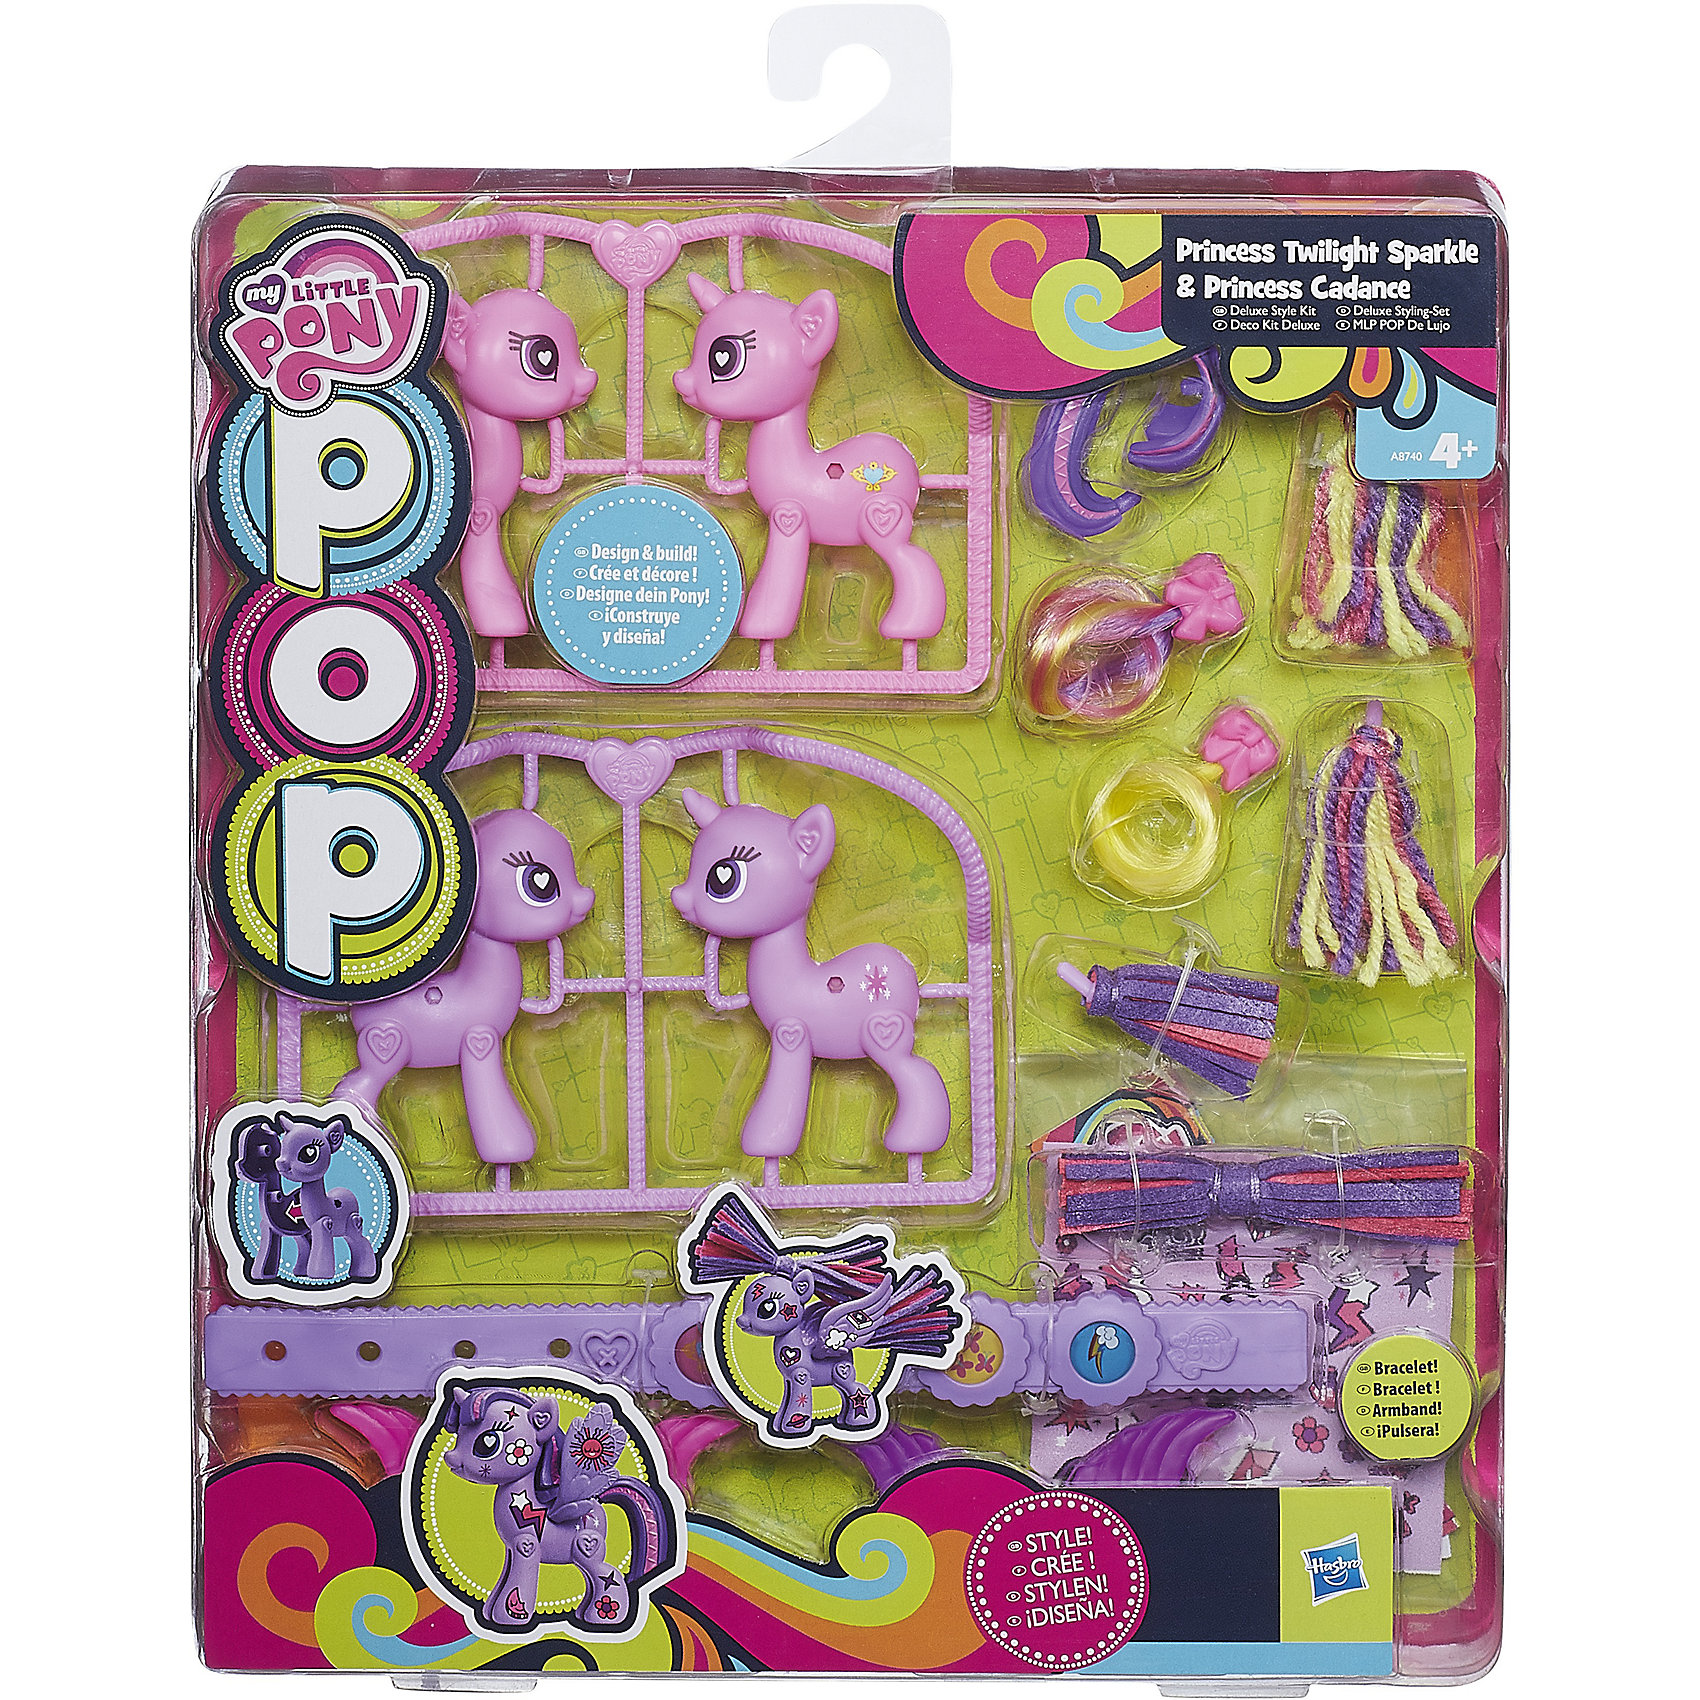 Набор POP Пони Делюкс: Принцесса Твайлайт Спаркл и Принцесса Каденс, My little PonyИгрушки<br>Конструкторы POP позволяют не только собрать 2 фигурки героинь My Little Pony, но и украсить и декорировать их по собственному желанию. В наборе к каждой пони прилагаются разные виды хвостов и грив с различной текстурой, крылышки, а также набор наклеек. В наборе девочка найдет еще и браслет для себя, украшенный основной символикой персонажей мультфильма. Фигурки собираются без клея или иных приспособлений, все вставные части (крылья, хвост, грива) легко меняются местами. Меняйте настроение и внешний вид любимых пони каждый день!<br><br>Ширина мм: 30<br>Глубина мм: 240<br>Высота мм: 280<br>Вес г: 250<br>Возраст от месяцев: 36<br>Возраст до месяцев: 84<br>Пол: Женский<br>Возраст: Детский<br>SKU: 4816115